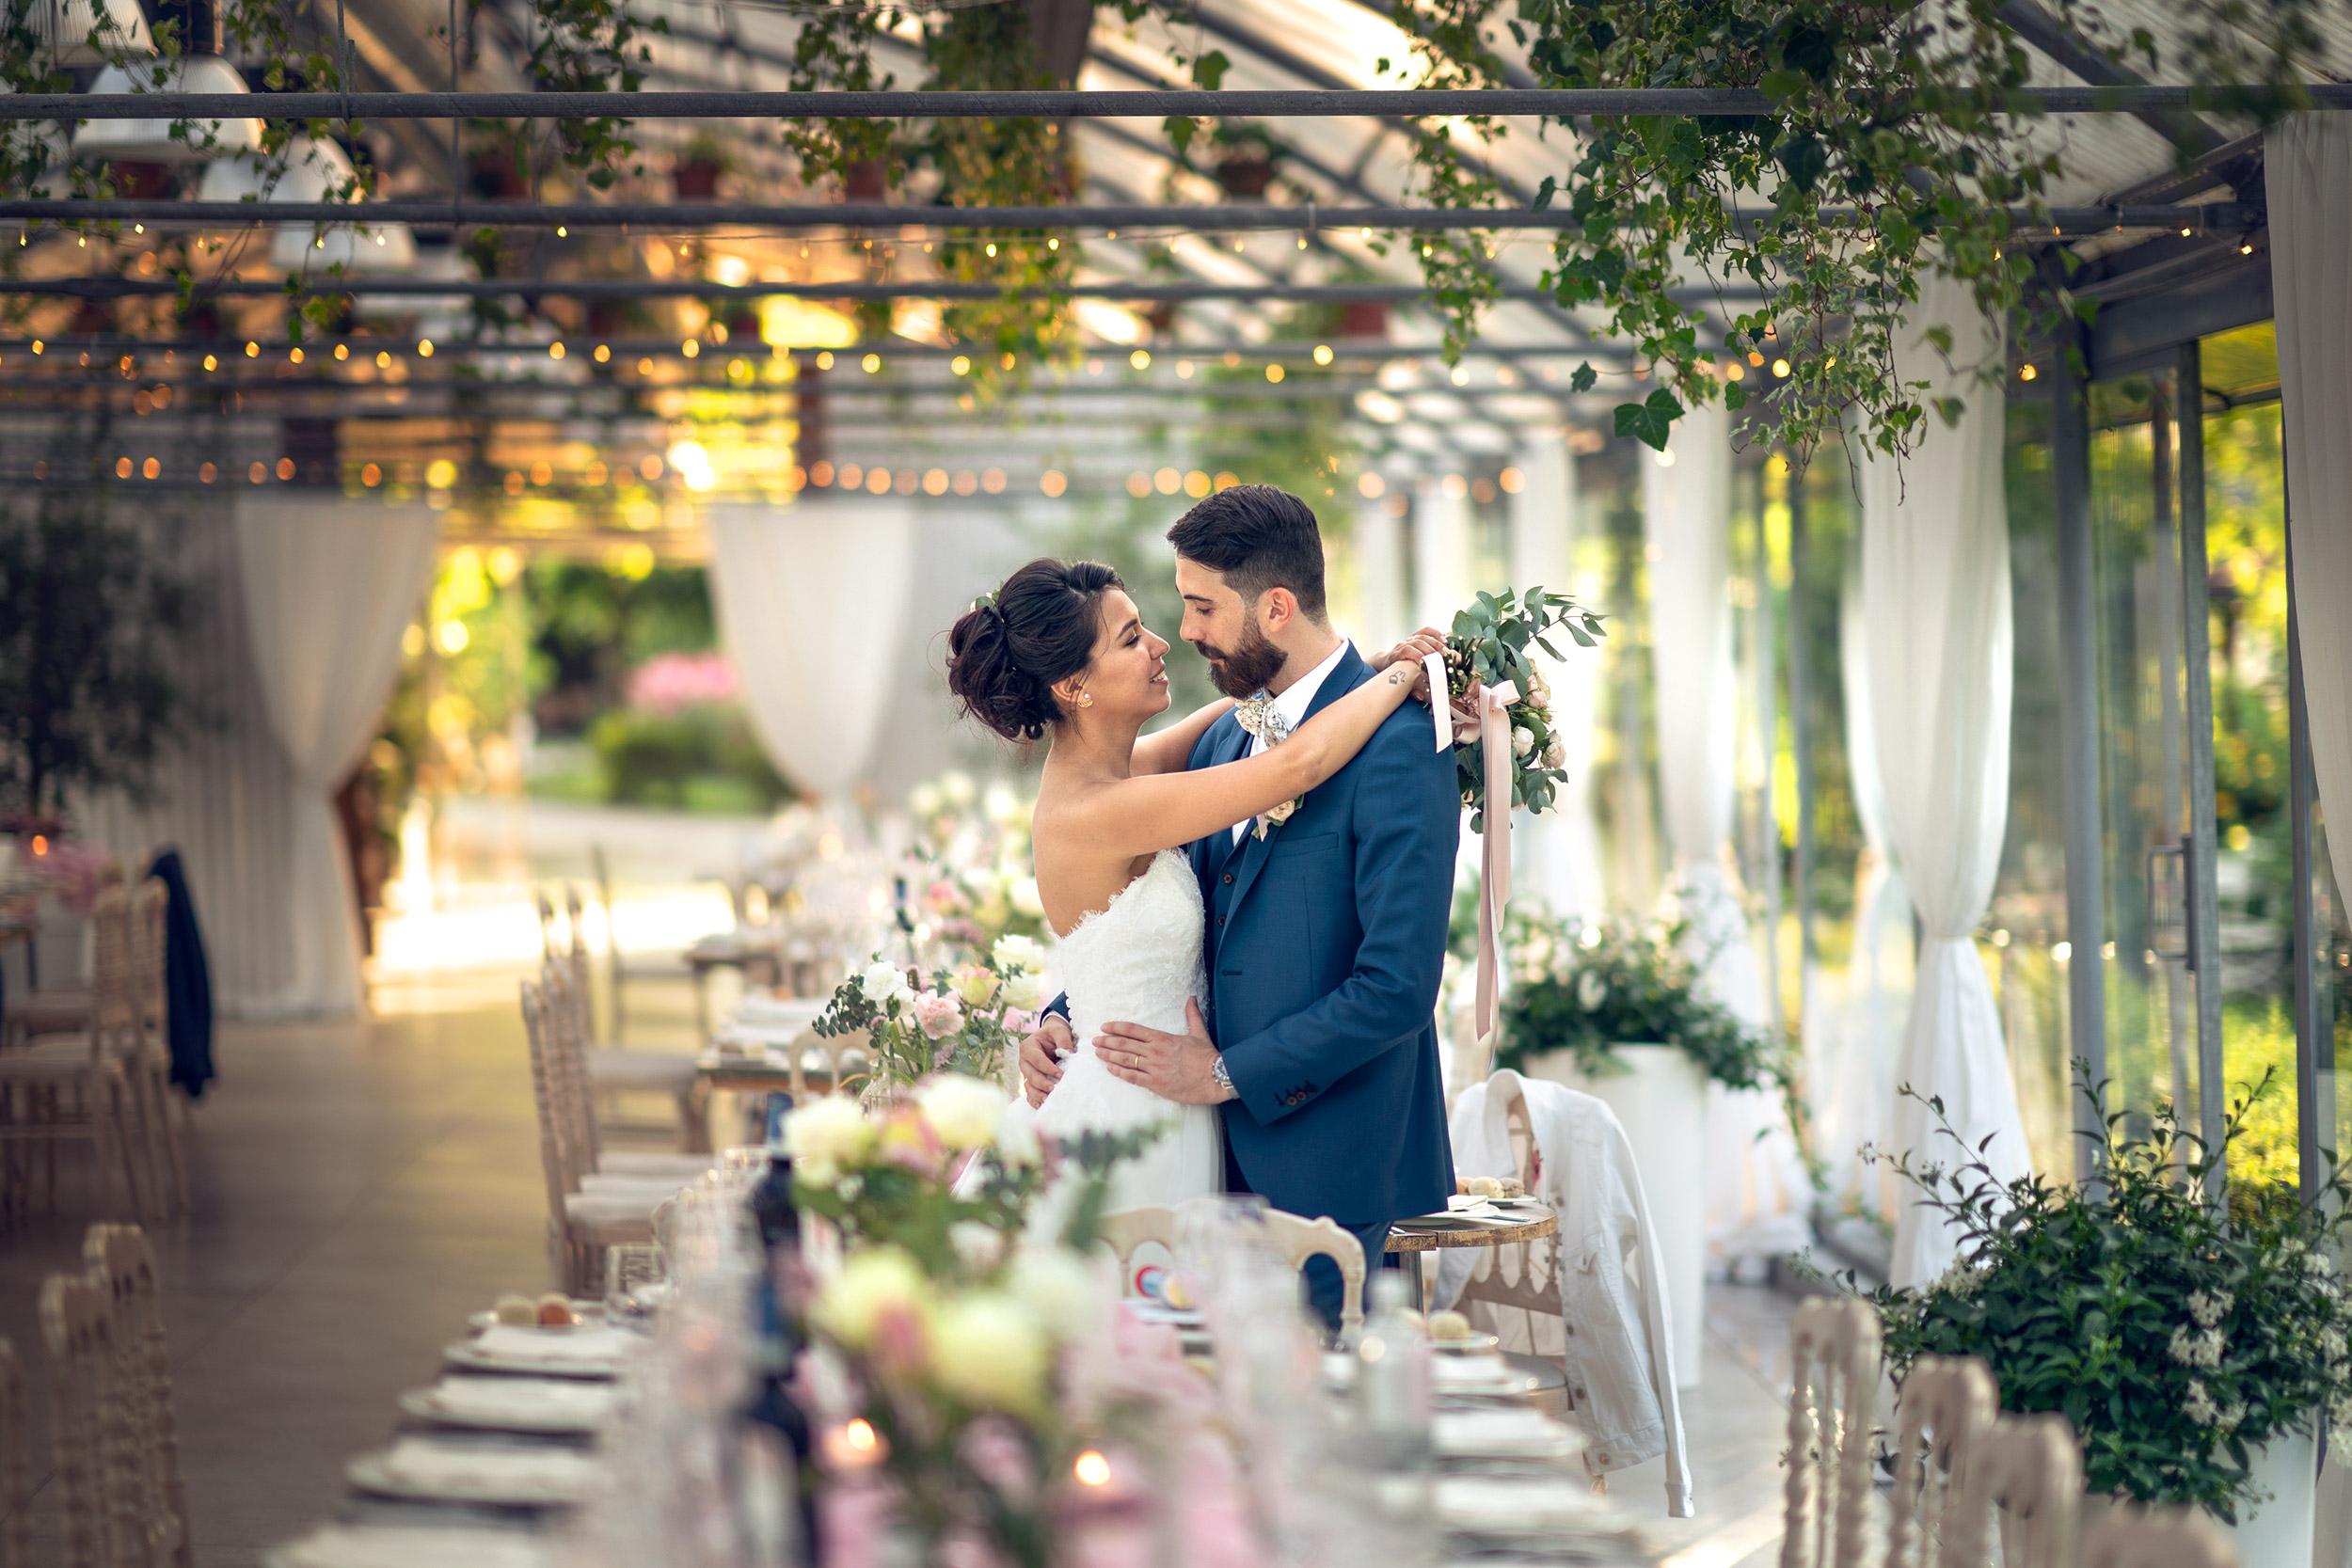 001 reportage wedding sposi foto matrimonio jardin a vivre castelletto sopra ticino novara 2